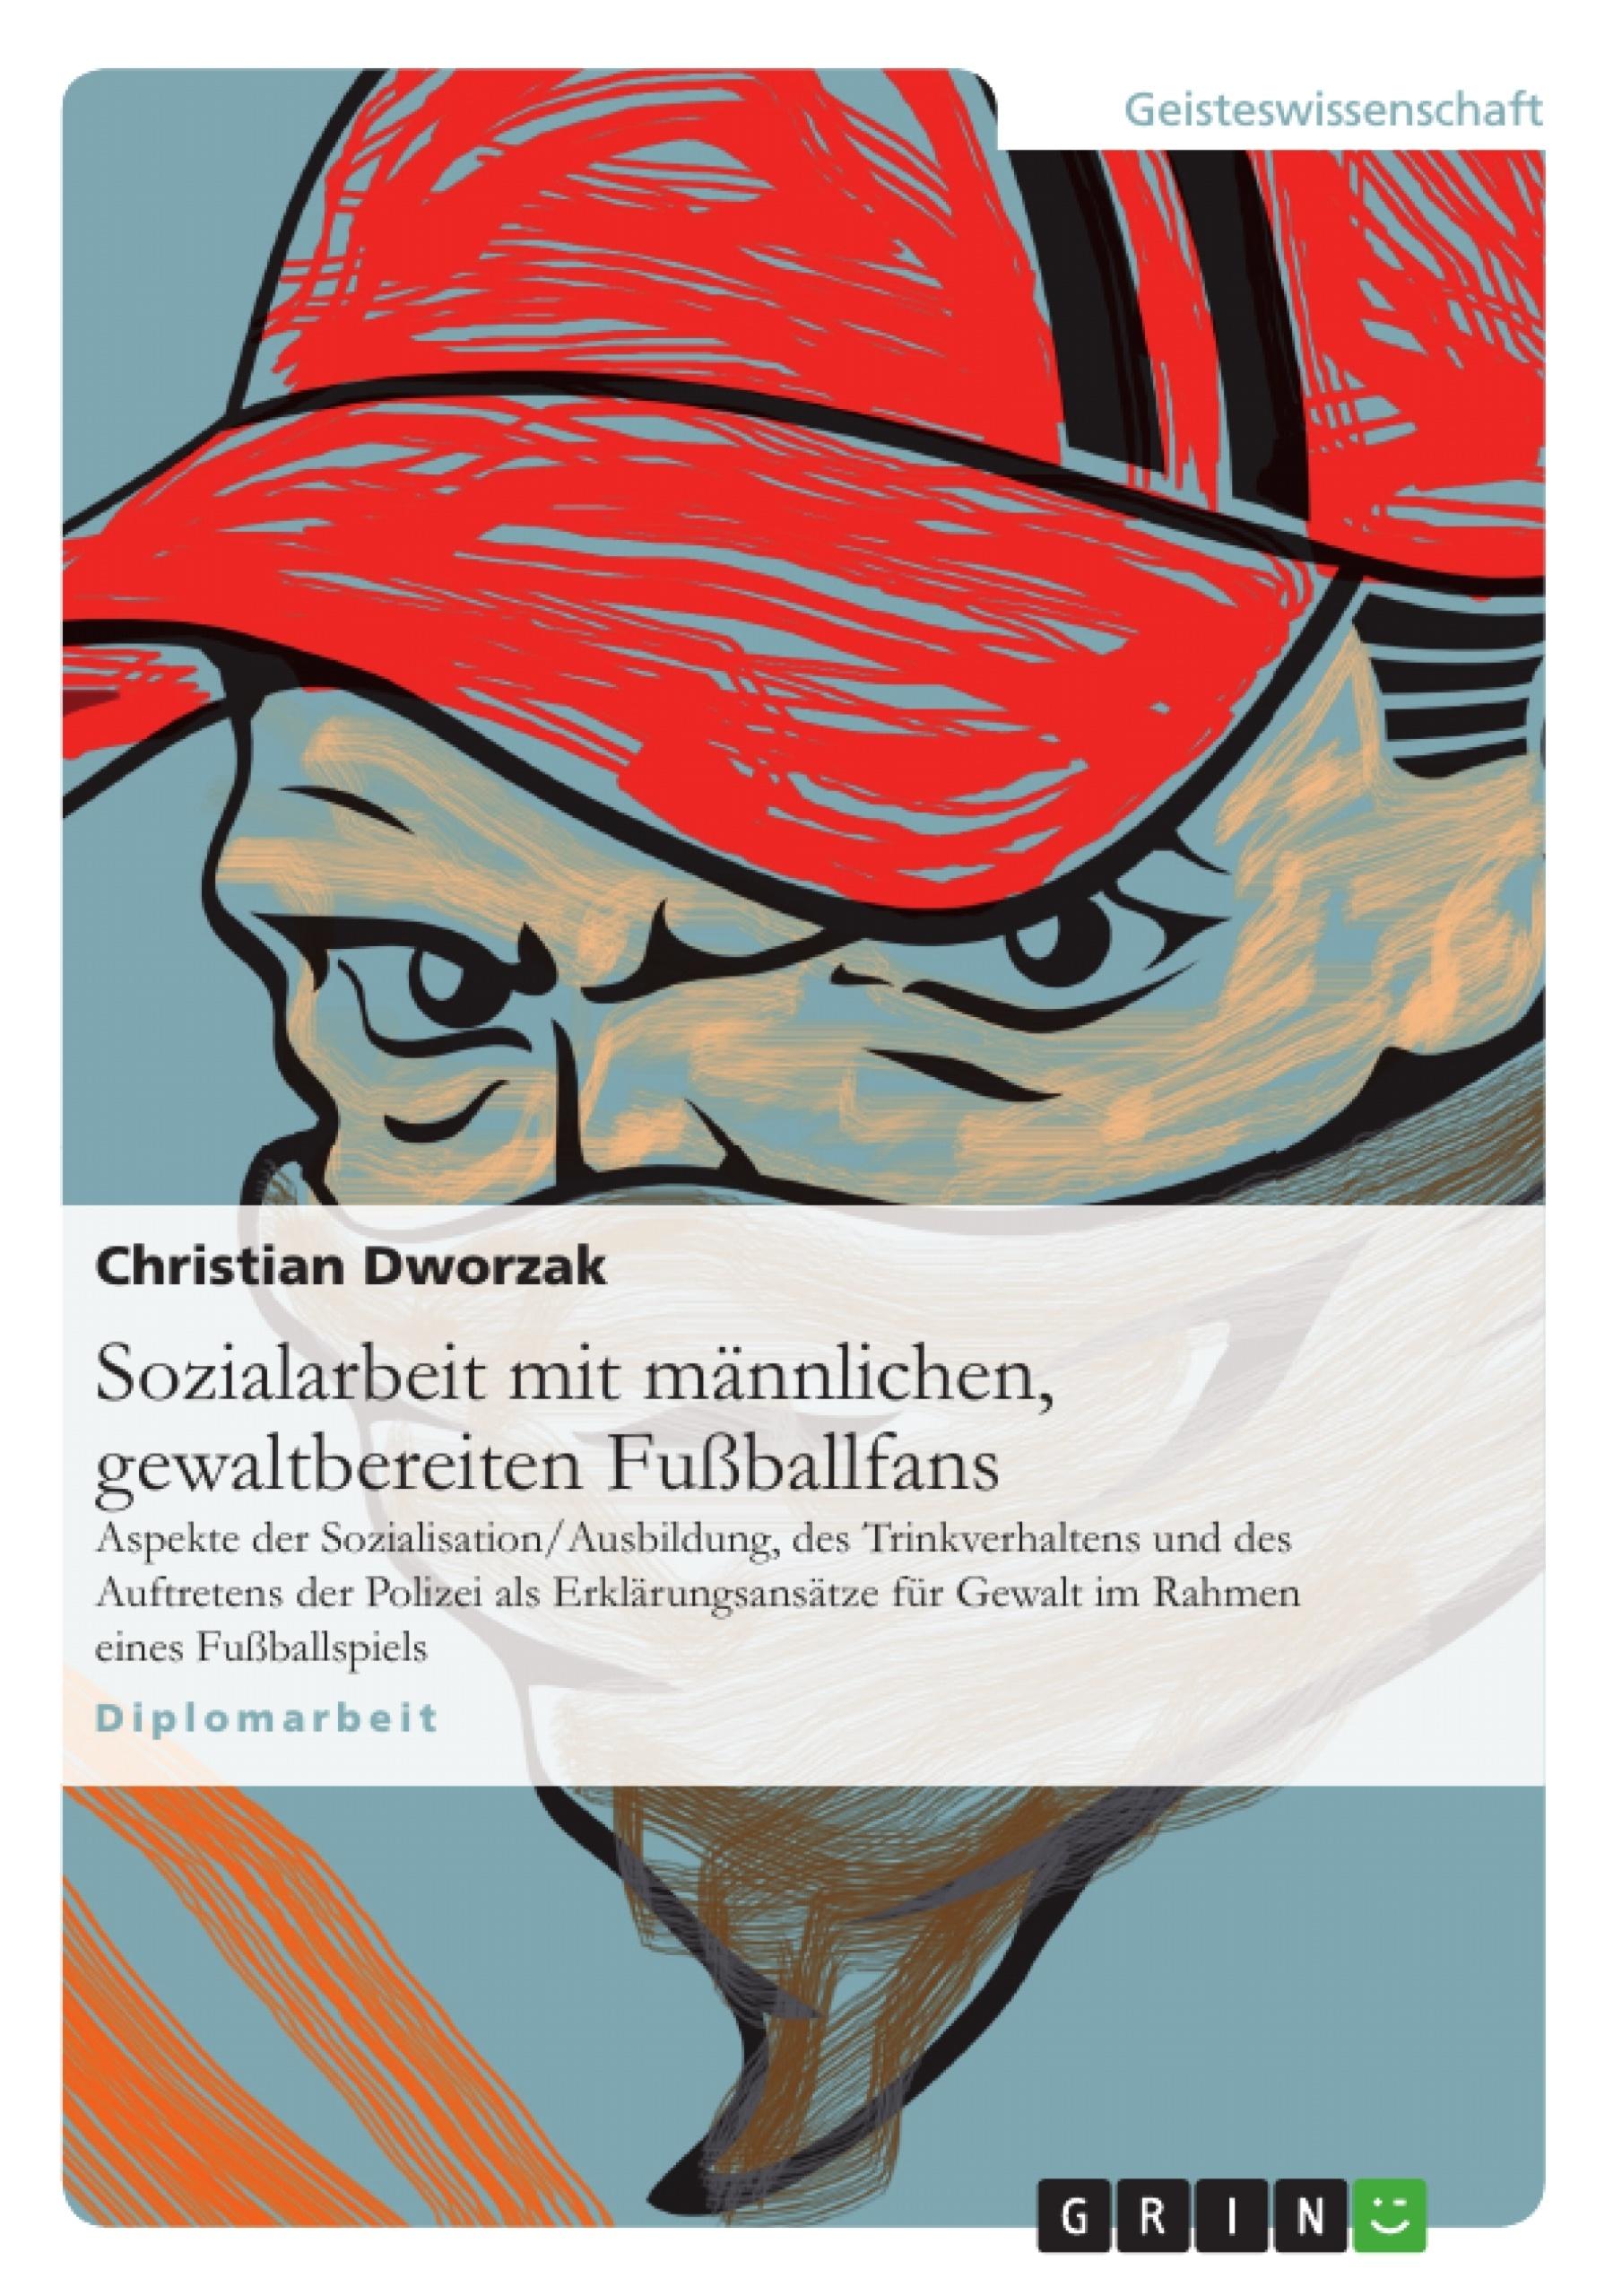 Titel: Sozialarbeit mit männlichen, gewaltbereiten Fußballfans